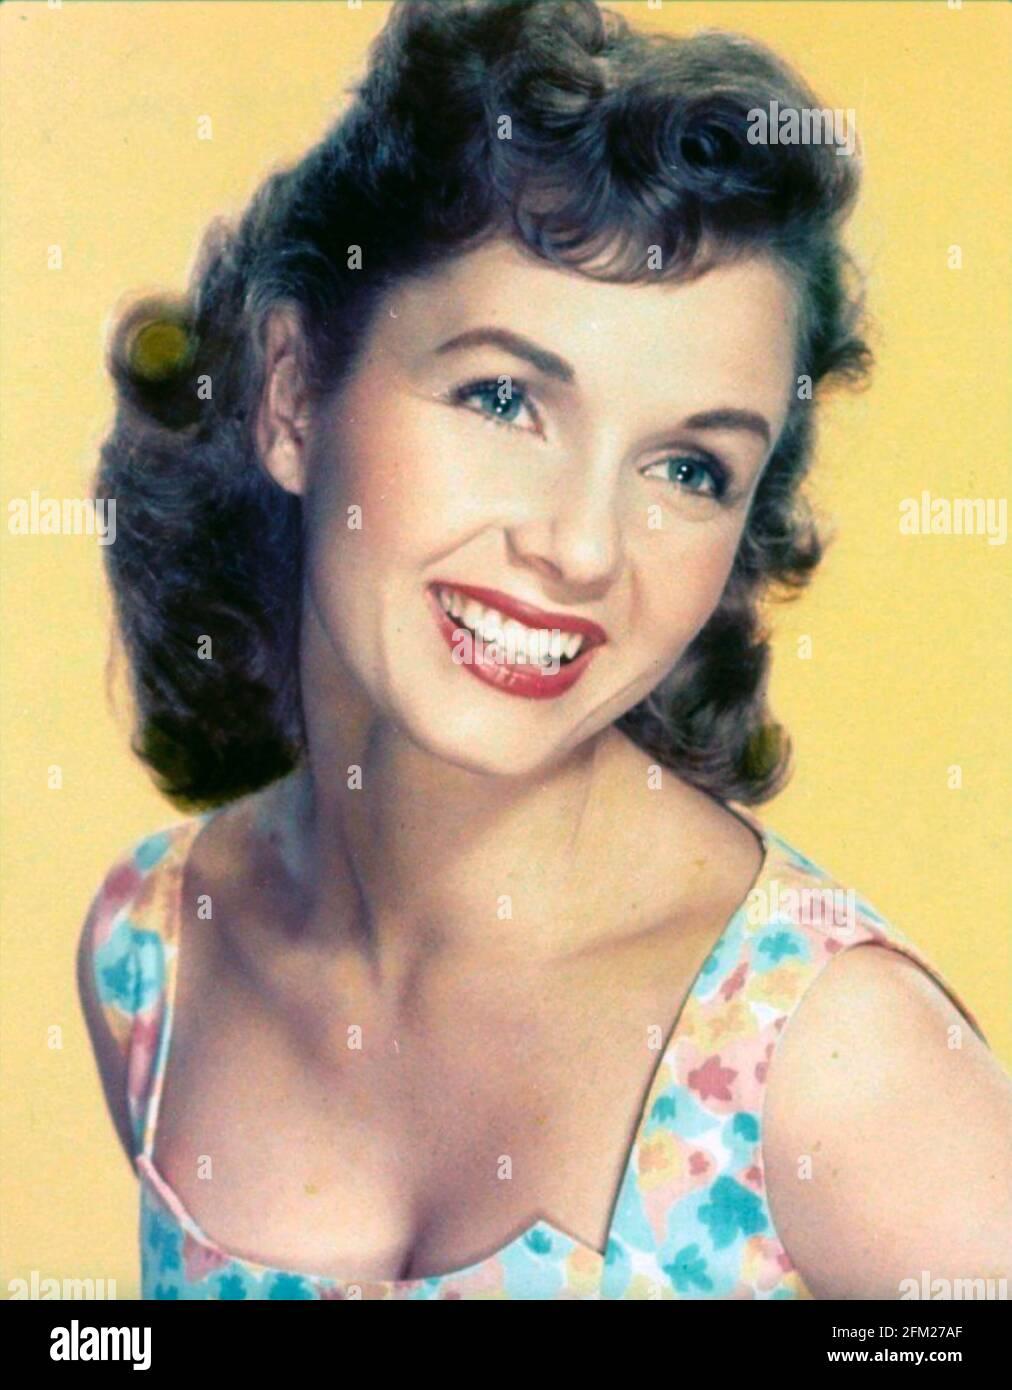 DEBBIE REYNOLDS (1932-2016) actrice et chanteuse américaine vers 1960 Banque D'Images